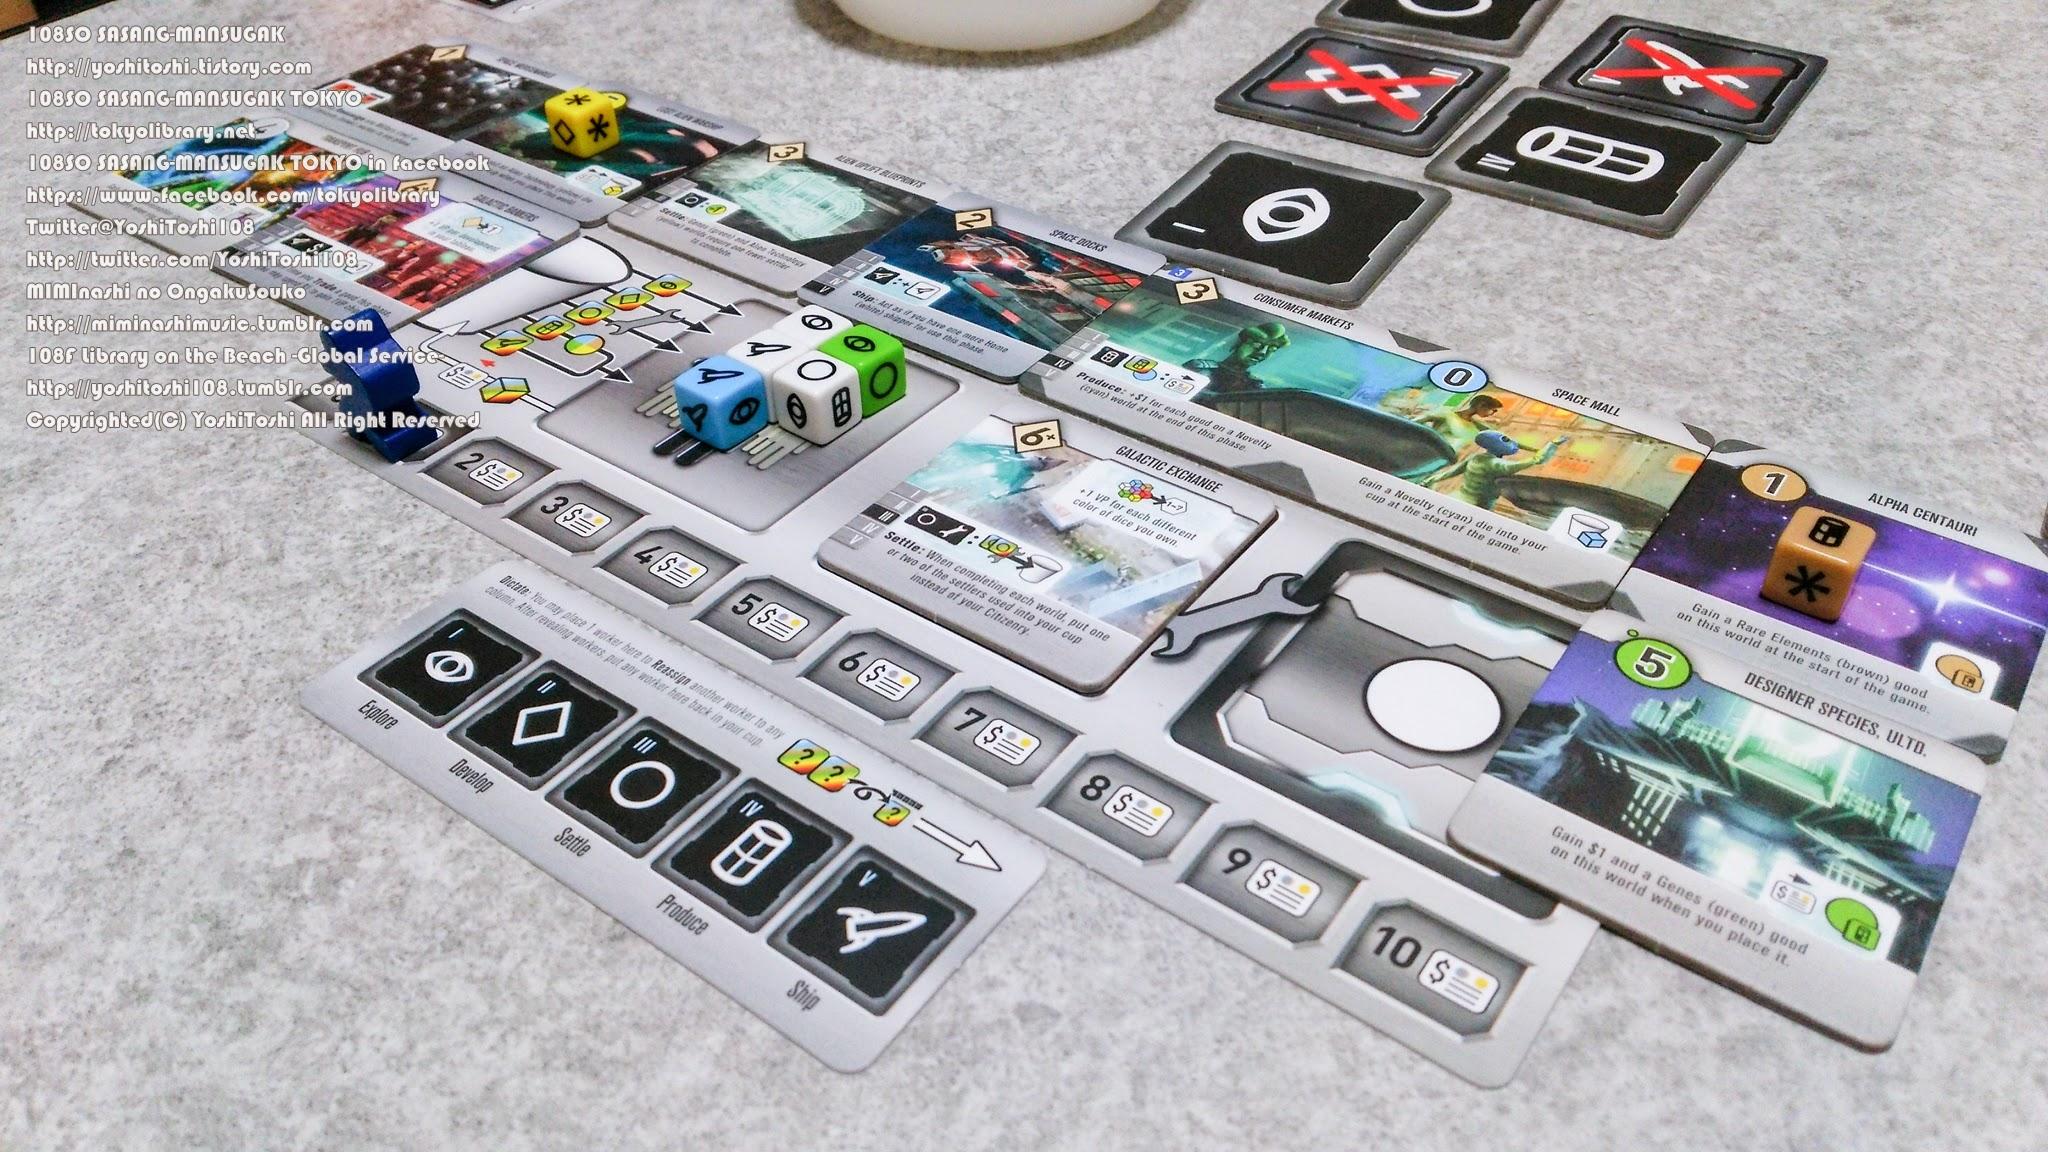 ル・アーブル:内陸港 Roll for the Galaxy ロール・フォー・ザ・ギャラクシー 逃げゾンビ 写真